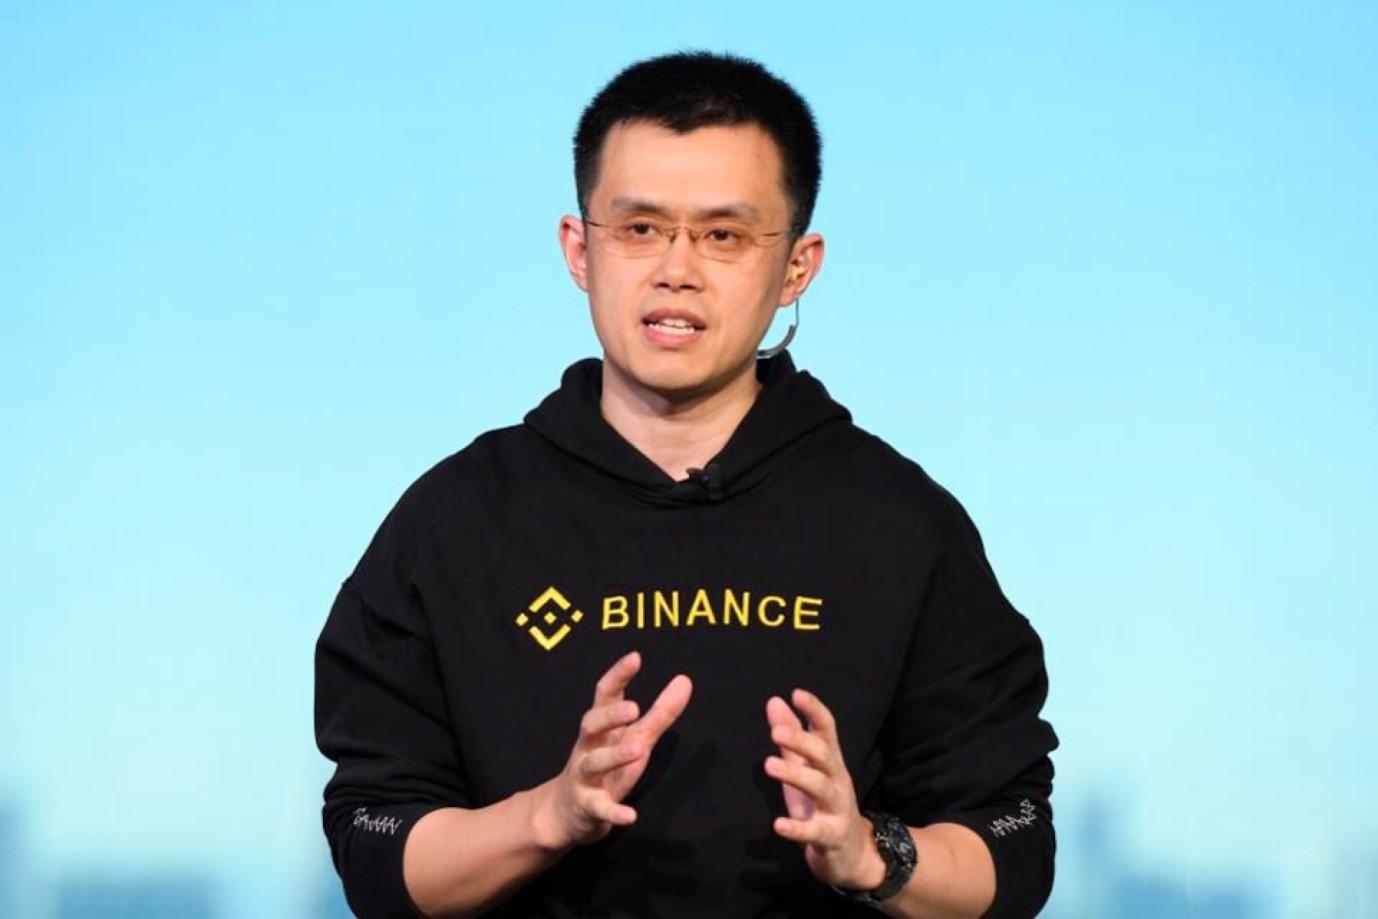 胡润全球富豪榜:区块链共有6位十亿美金企业家上榜